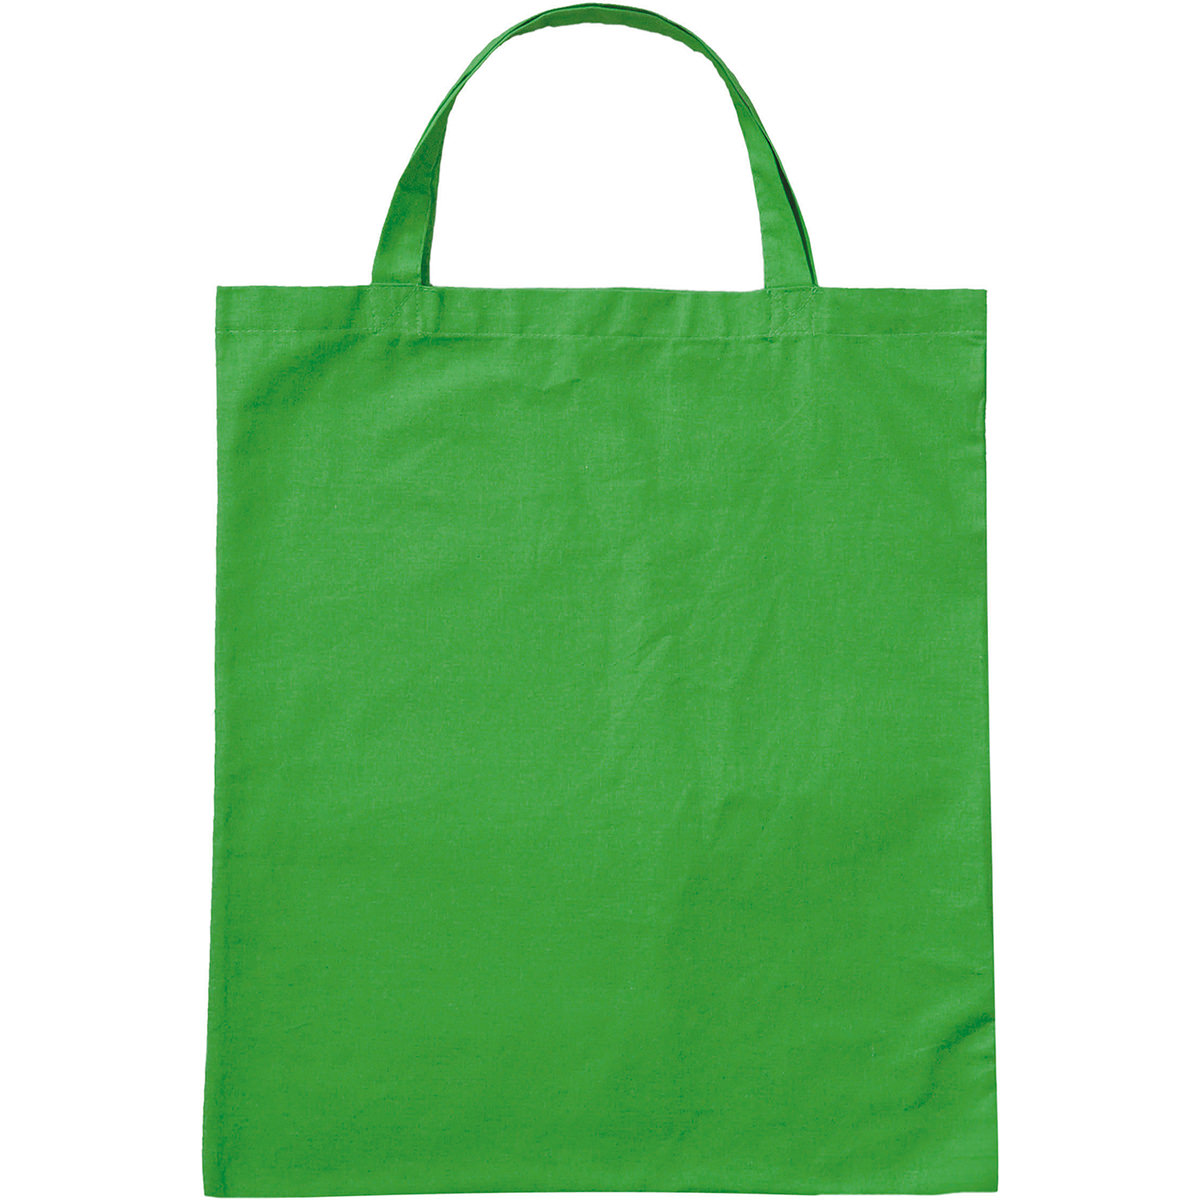 3842KOG - Bio-Baumwoll-Tasche mit kurzen Henkeln